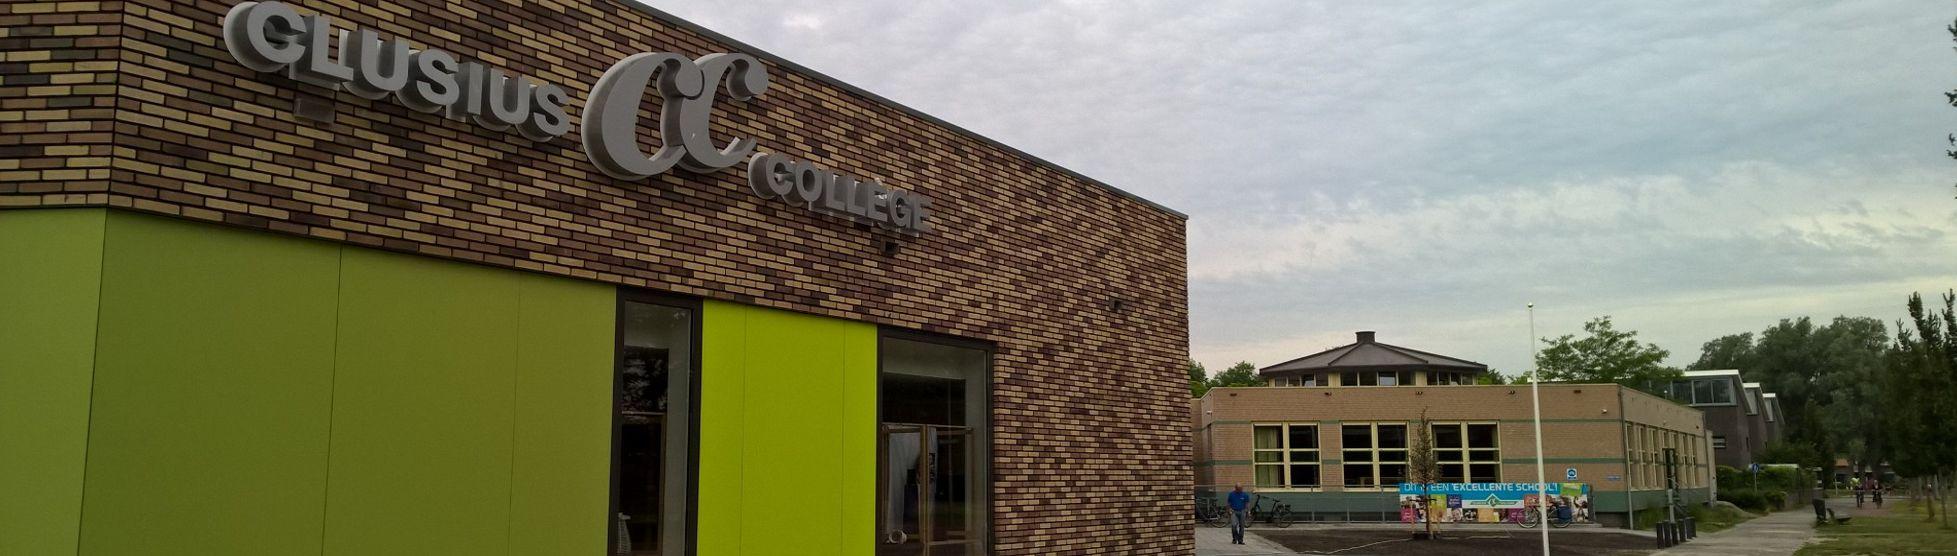 Clusius College, Castricum